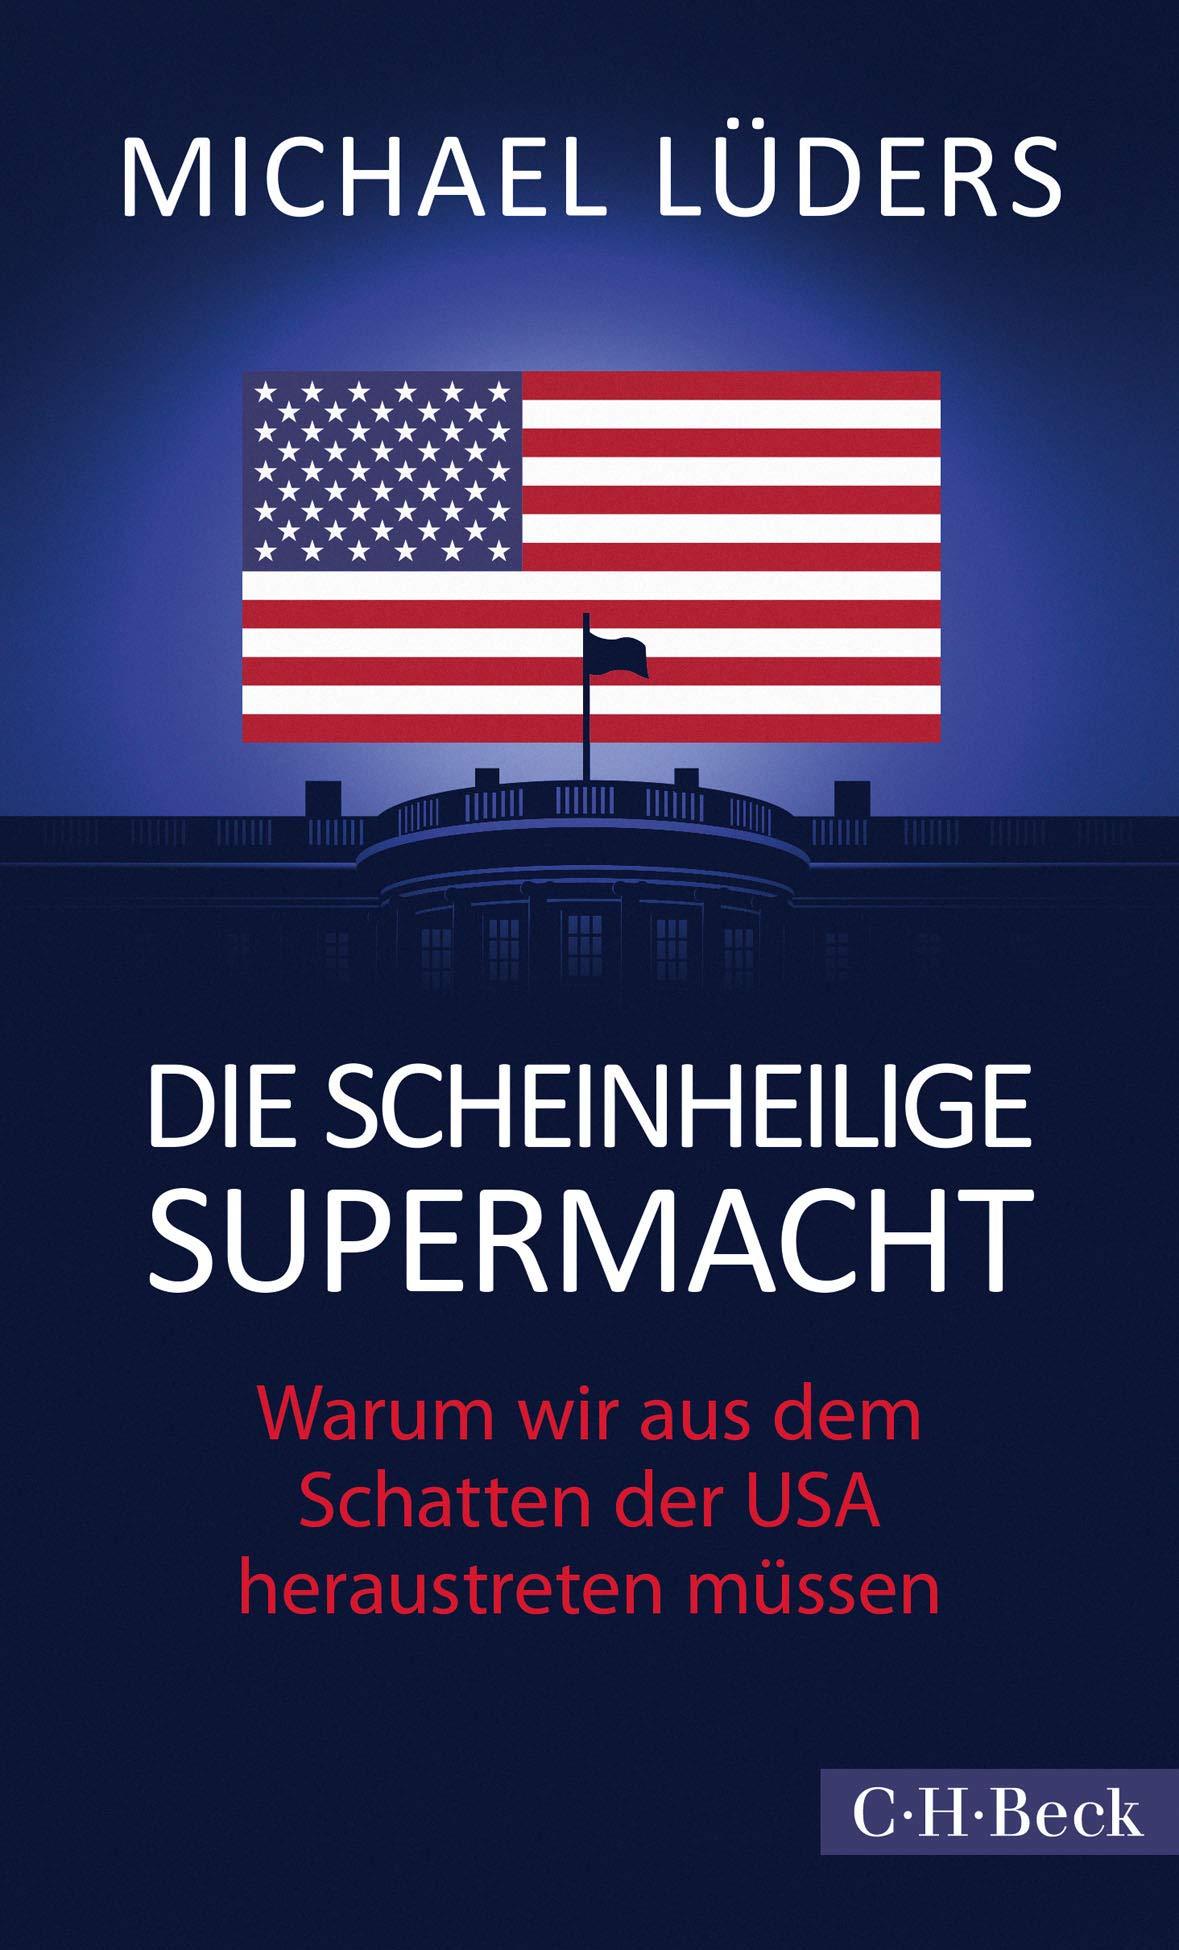 Michael Lüders: Scheinheilige Supermacht